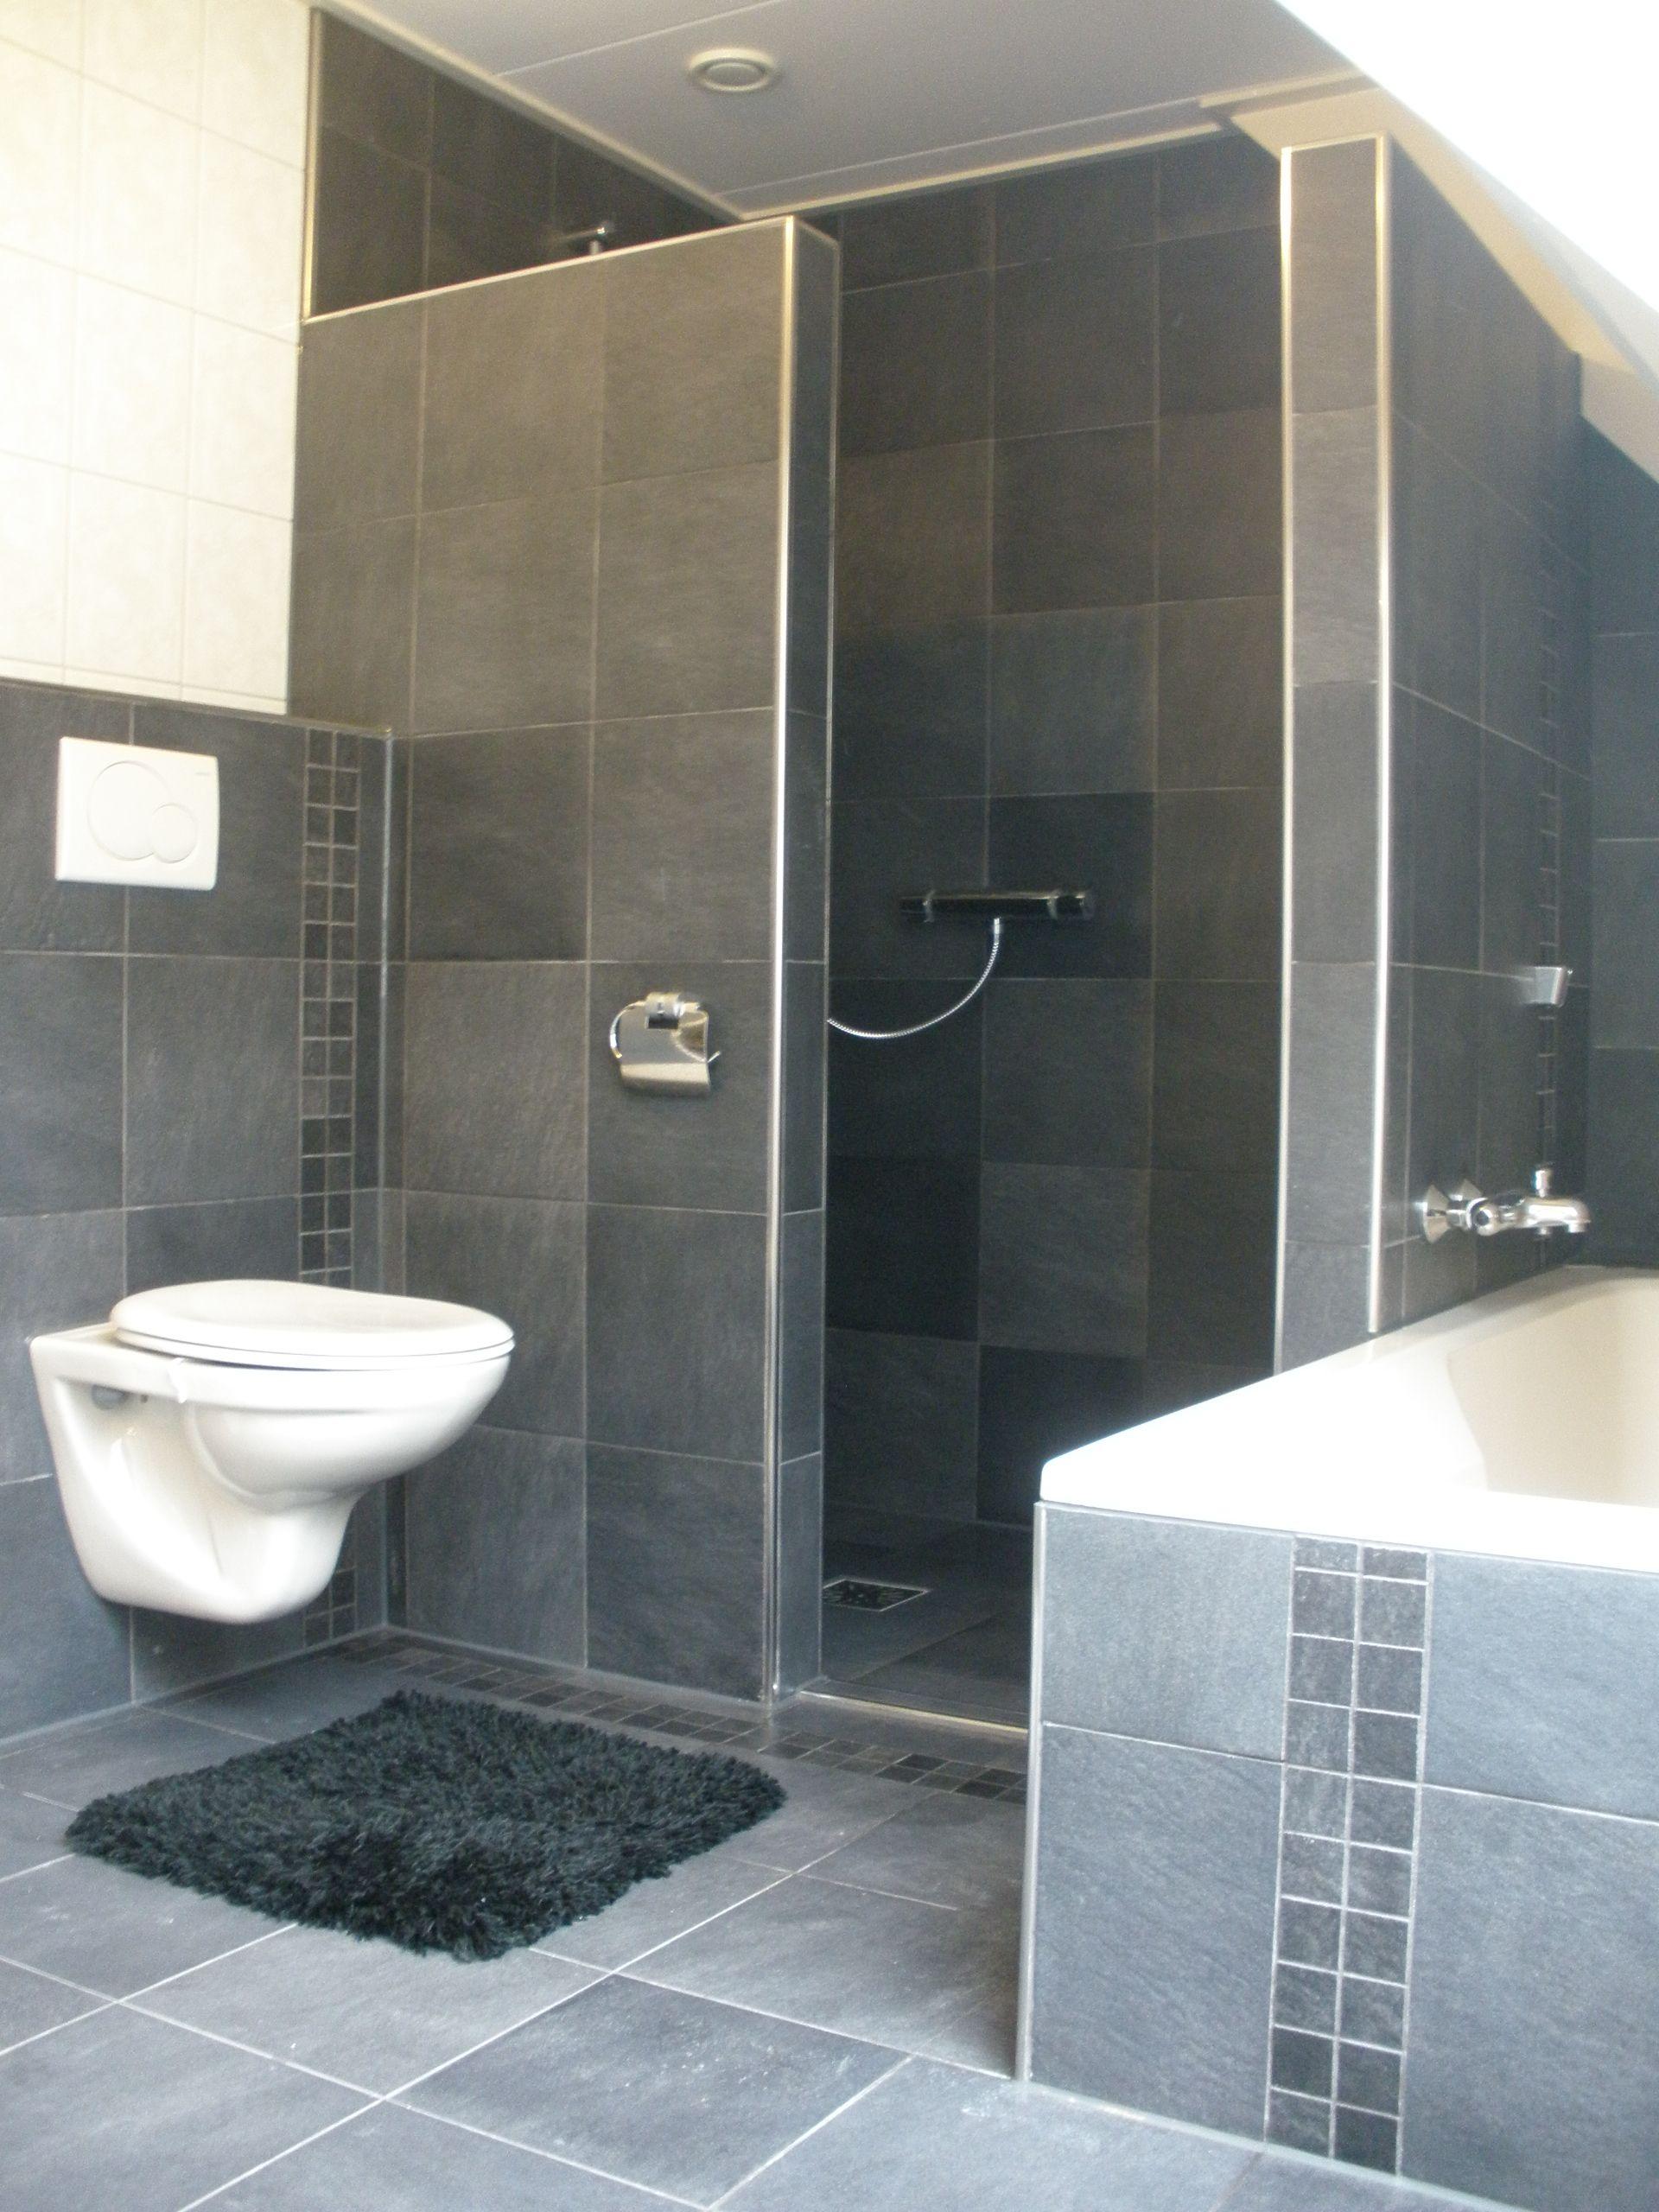 Badkamer Tegels 30x30.Zwarte 30x30 Tegels In De Badkamer Met Mozaiek Van Dezelfde